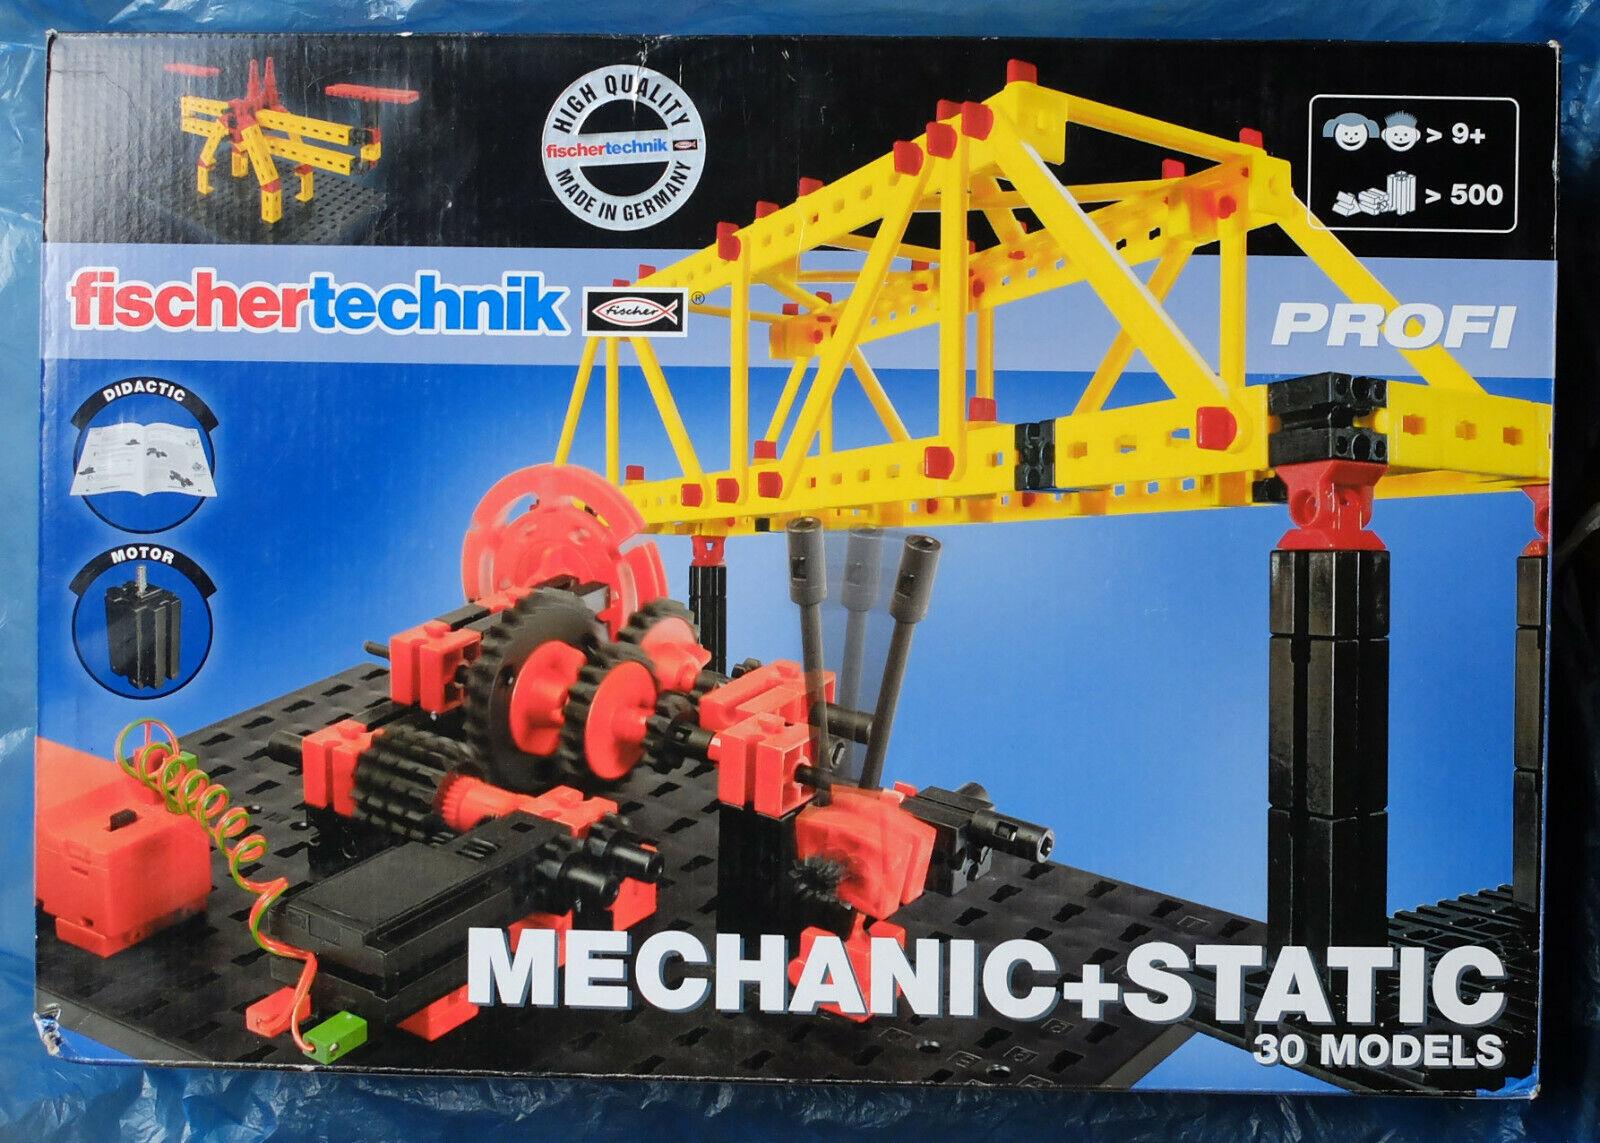 Fischer - Technik, Bau- und Konstruktionsset  Mechanik + Statik